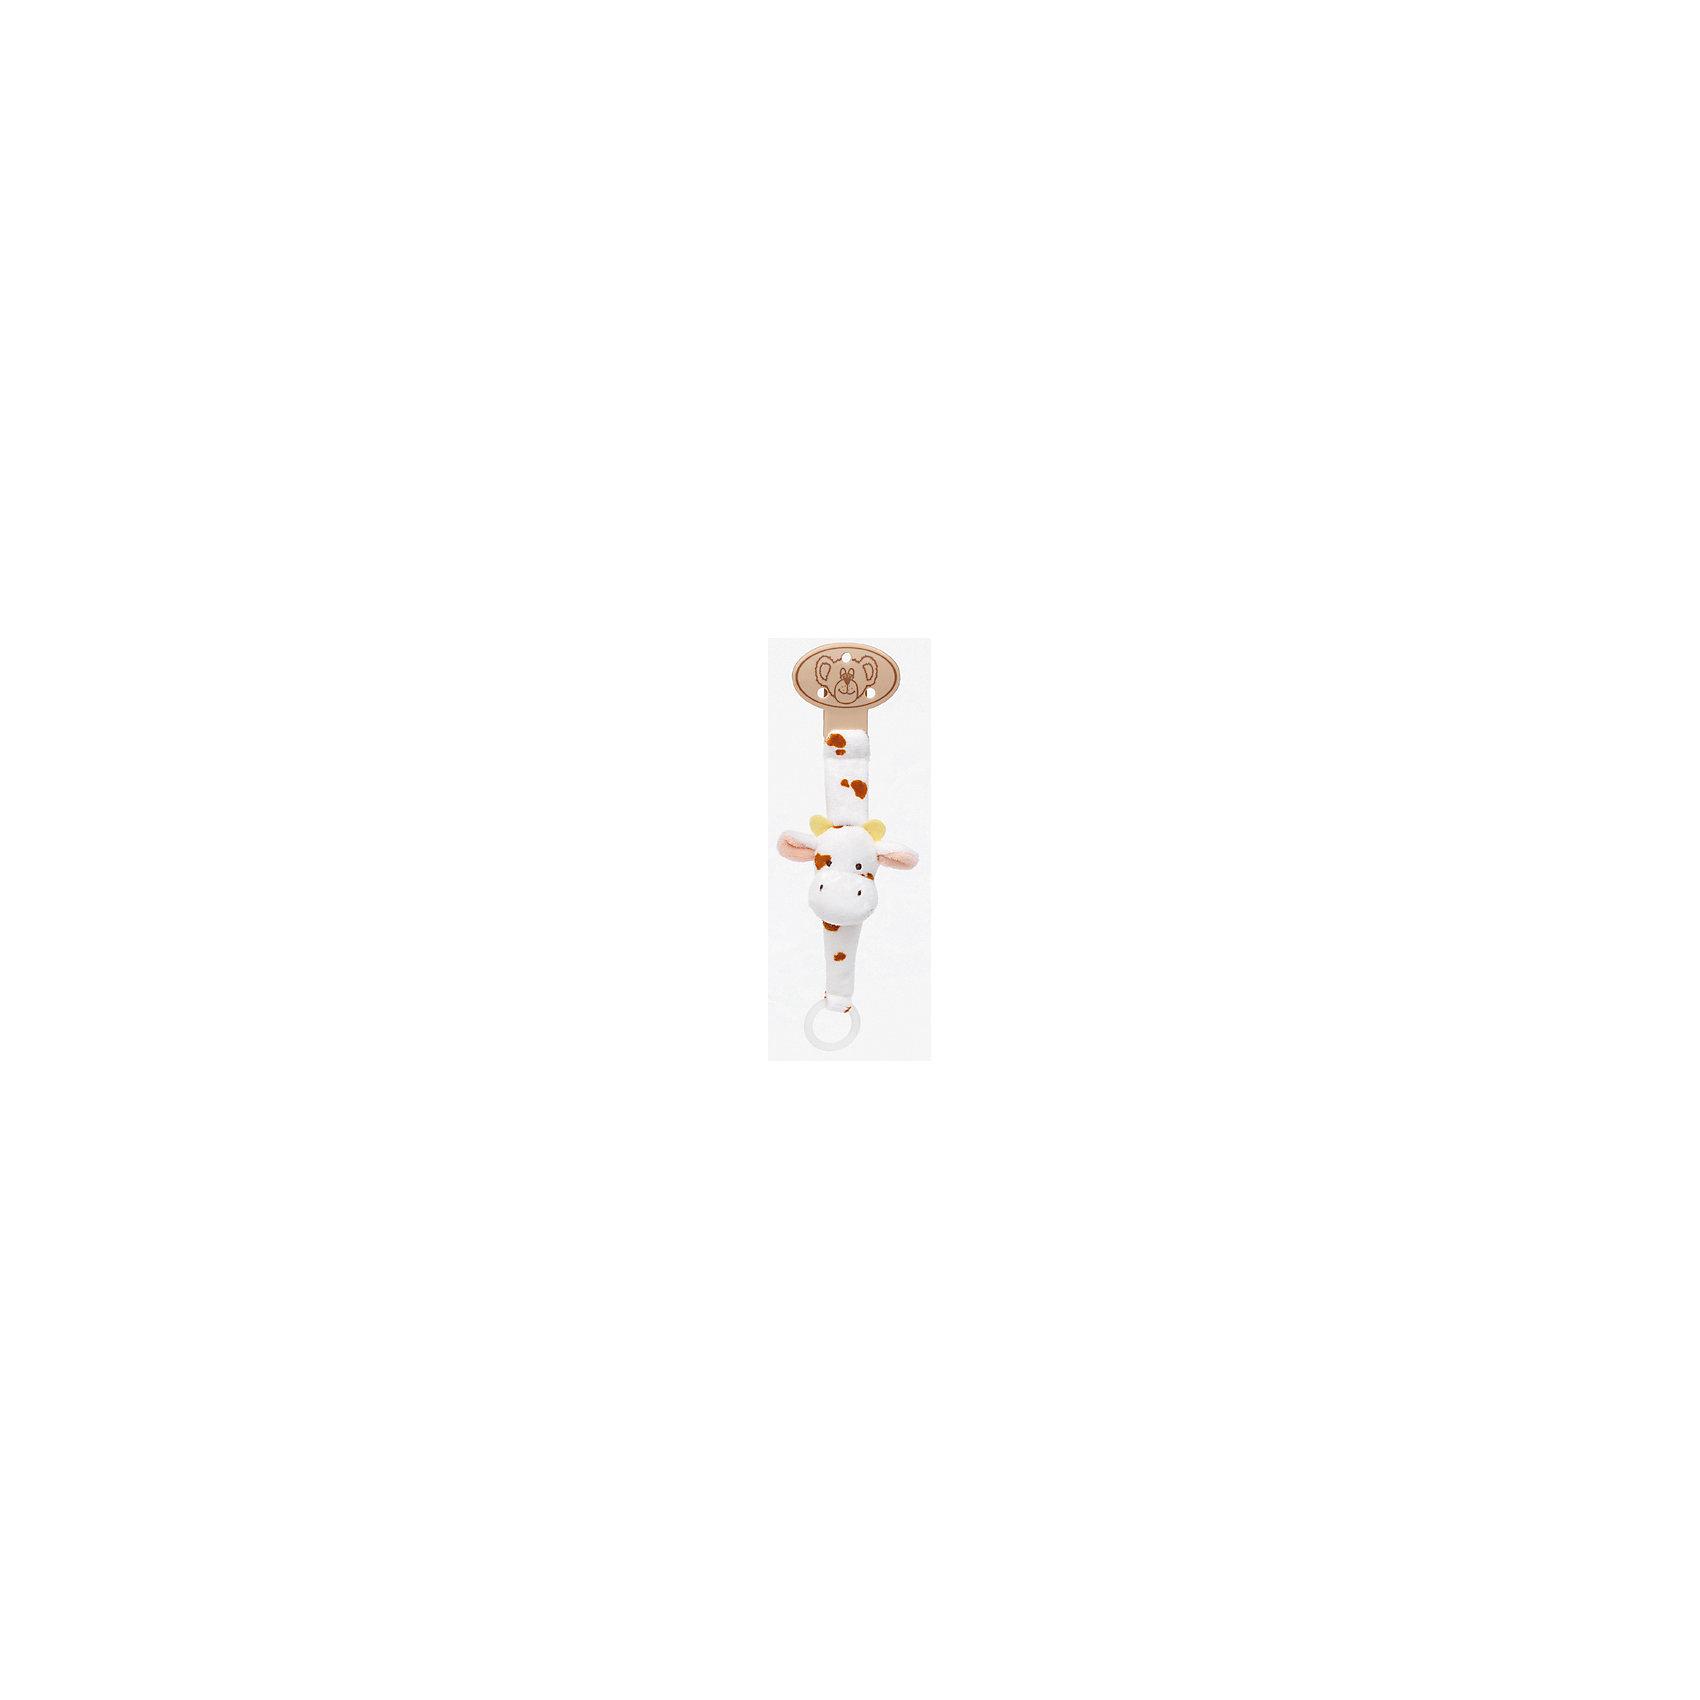 Держатель для соски Корова, ДинглисарПустышки и аксессуары<br>Характеристики игрушки Teddykompaniet: <br><br>• размер держателя для соски: 21 см;<br>• материал: 100% хлопок (безворсовый велюр), пластик;<br>• серия: Динглисар;<br>• тип крепления: пластиковая клипса.<br><br>Держатель для соски крепится к одежде малыша с помощью пластикового карабина. Мягкая игрушка с мордочкой коровки приятная на ощупь, выполнена из велюра. На другом конце держателя находится пластиковое кольцо-держатель, к которому крепится пустышка. <br><br>Держатель для соски Корова, Динглисар можно купить в нашем интернет-магазине.<br><br>Ширина мм: 50<br>Глубина мм: 100<br>Высота мм: 100<br>Вес г: 210<br>Возраст от месяцев: 0<br>Возраст до месяцев: 12<br>Пол: Унисекс<br>Возраст: Детский<br>SKU: 5219498